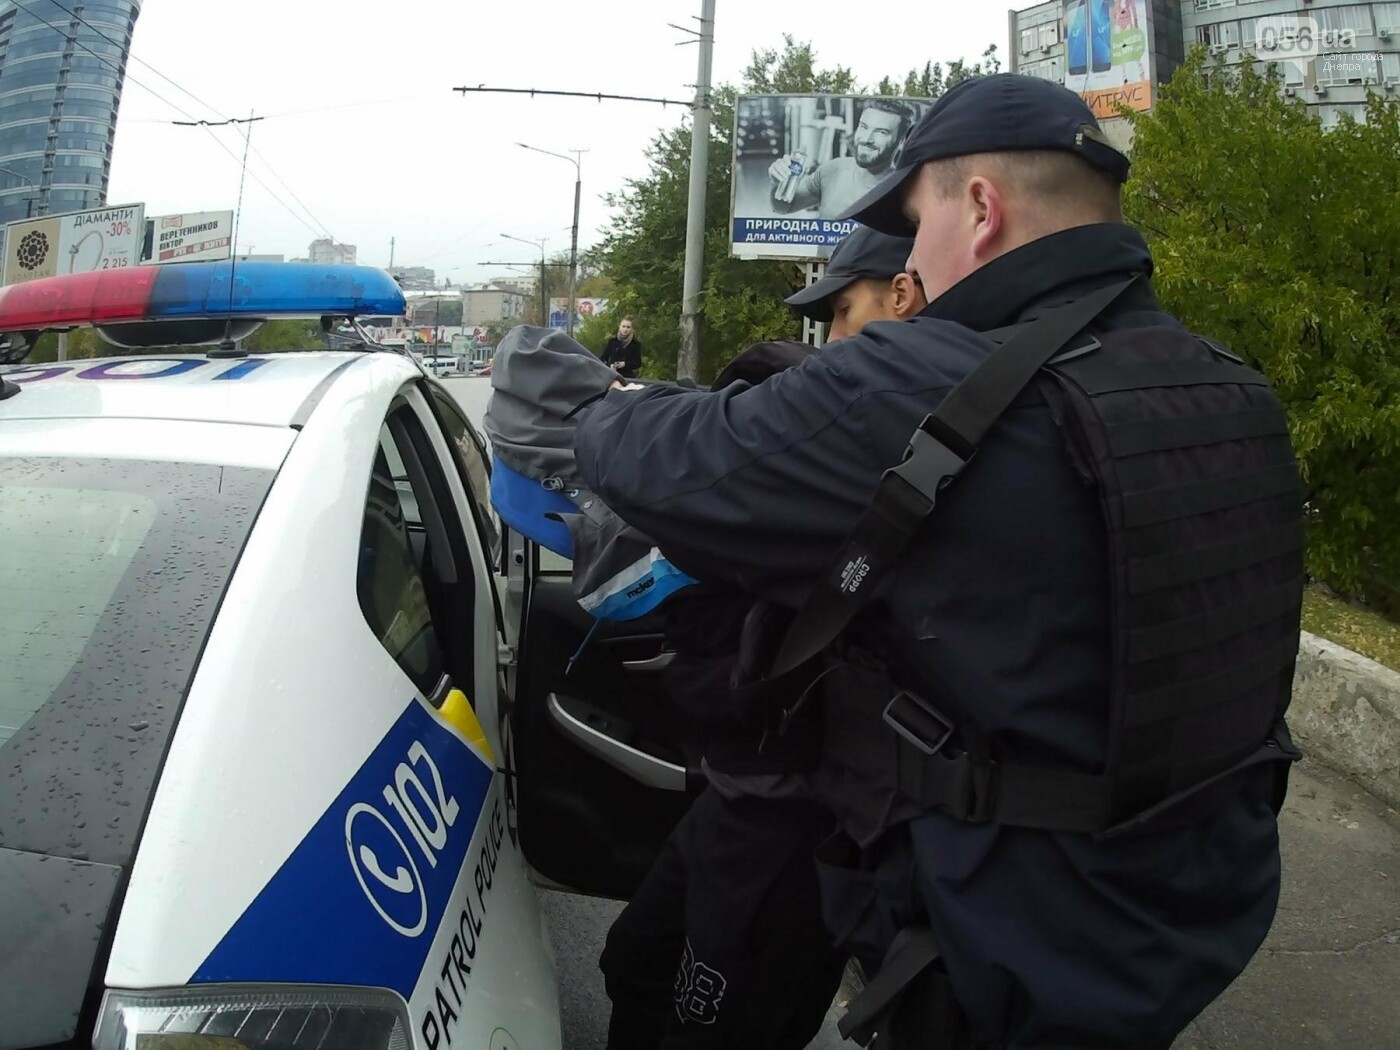 В Днепре на Центральном мосту произошла драка между активистами и полицией (ФОТО, ВИДЕО), фото-7